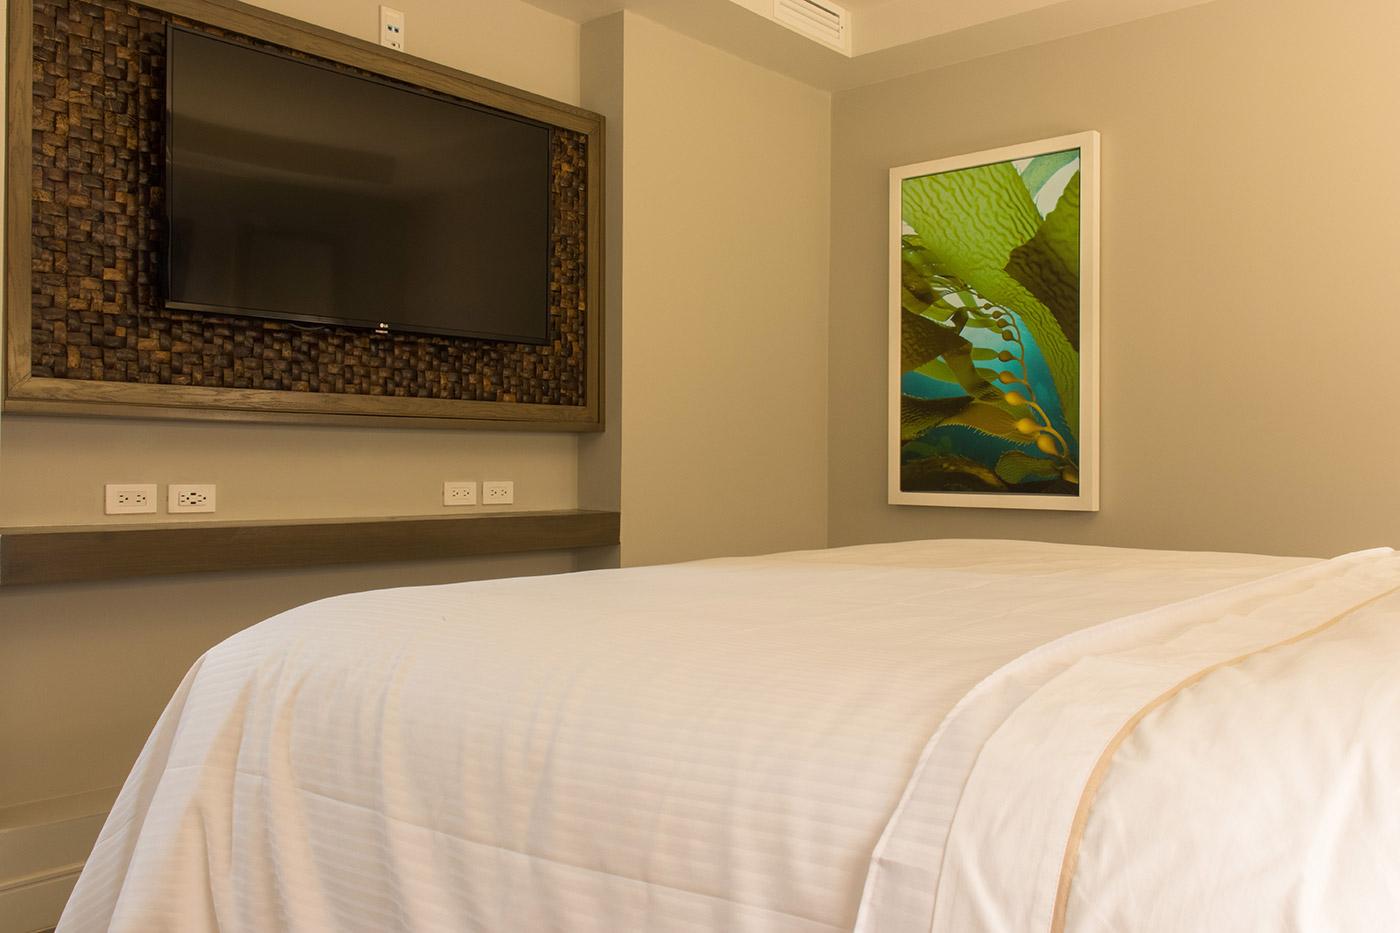 Proyectos SPAD Constructora, Remodelación de habitaciones Westin, Cobertor de cama decoración, Diseño de Interiores, Arquitectura, Puerto Vallarta, Jalisco, México